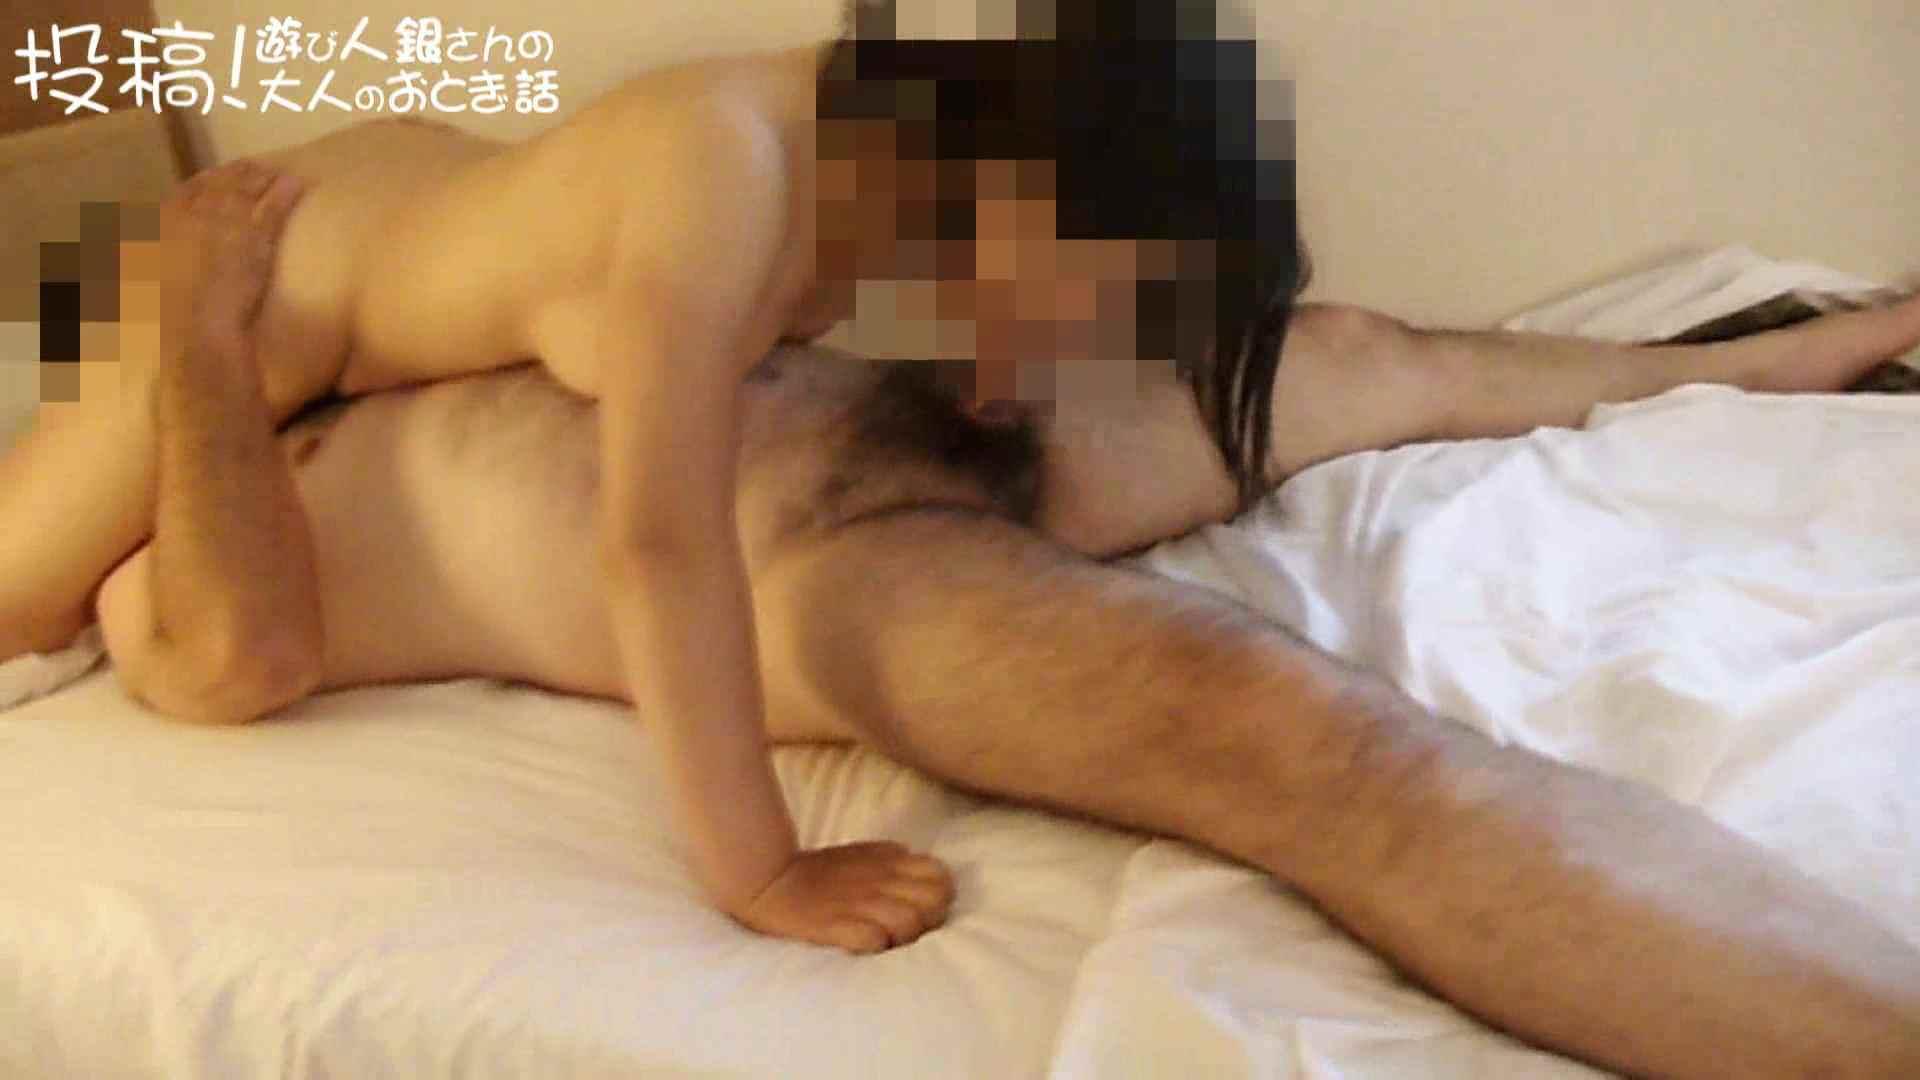 ちんぽ狂いの女其の70本目。3Pセックス編 セックス スケベ動画紹介 89画像 11